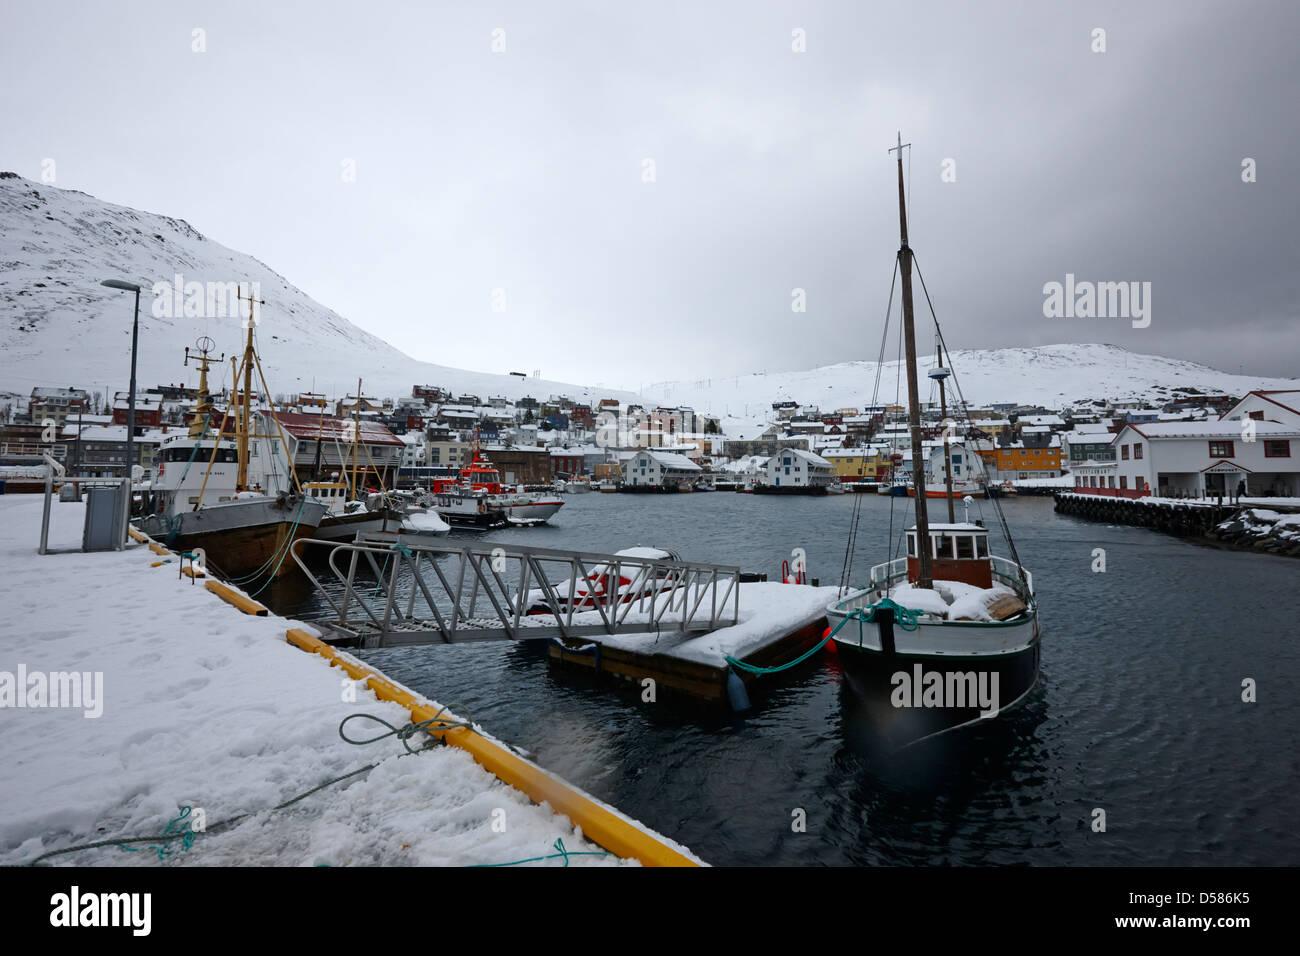 Honningsvag harbour finnmark norway europe - Stock Image